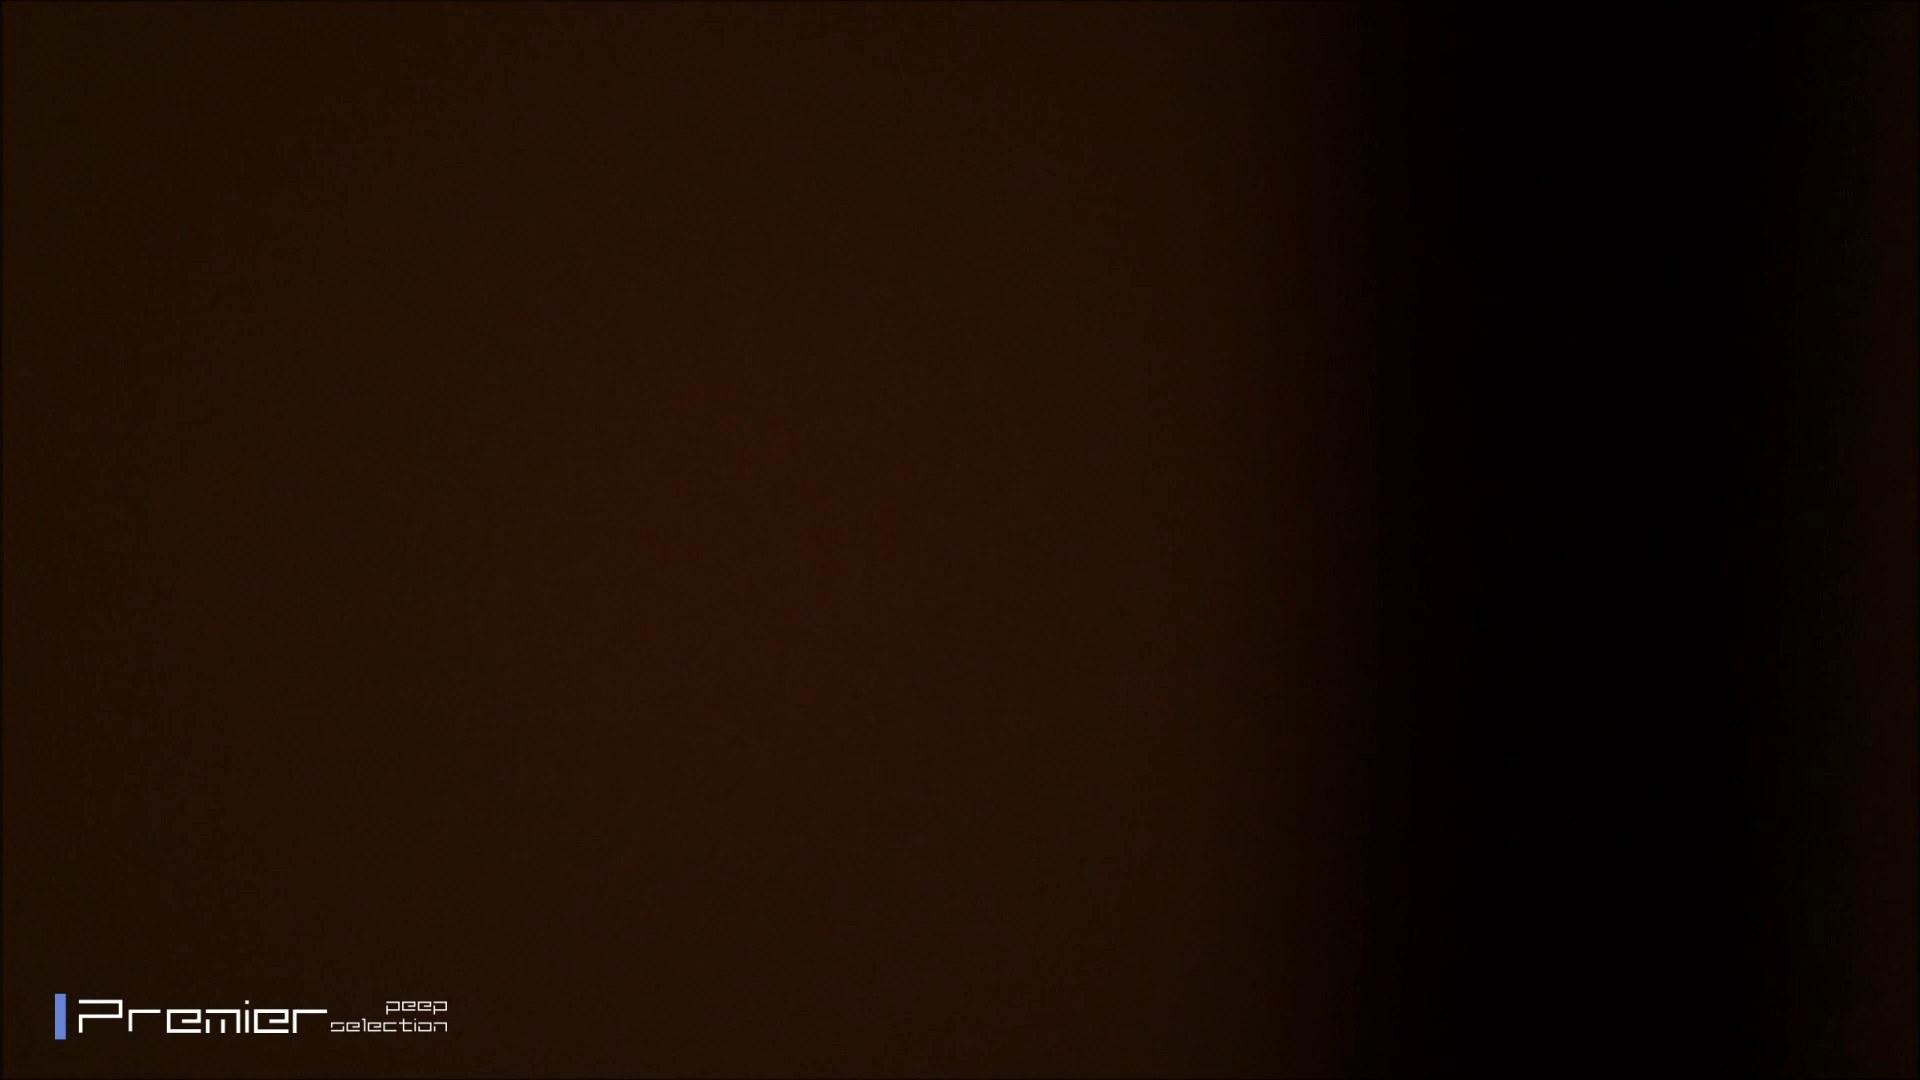 シャワーのお湯を跳ね返すお肌 乙女の風呂場 Vol.03 シャワー AV動画キャプチャ 108枚 82